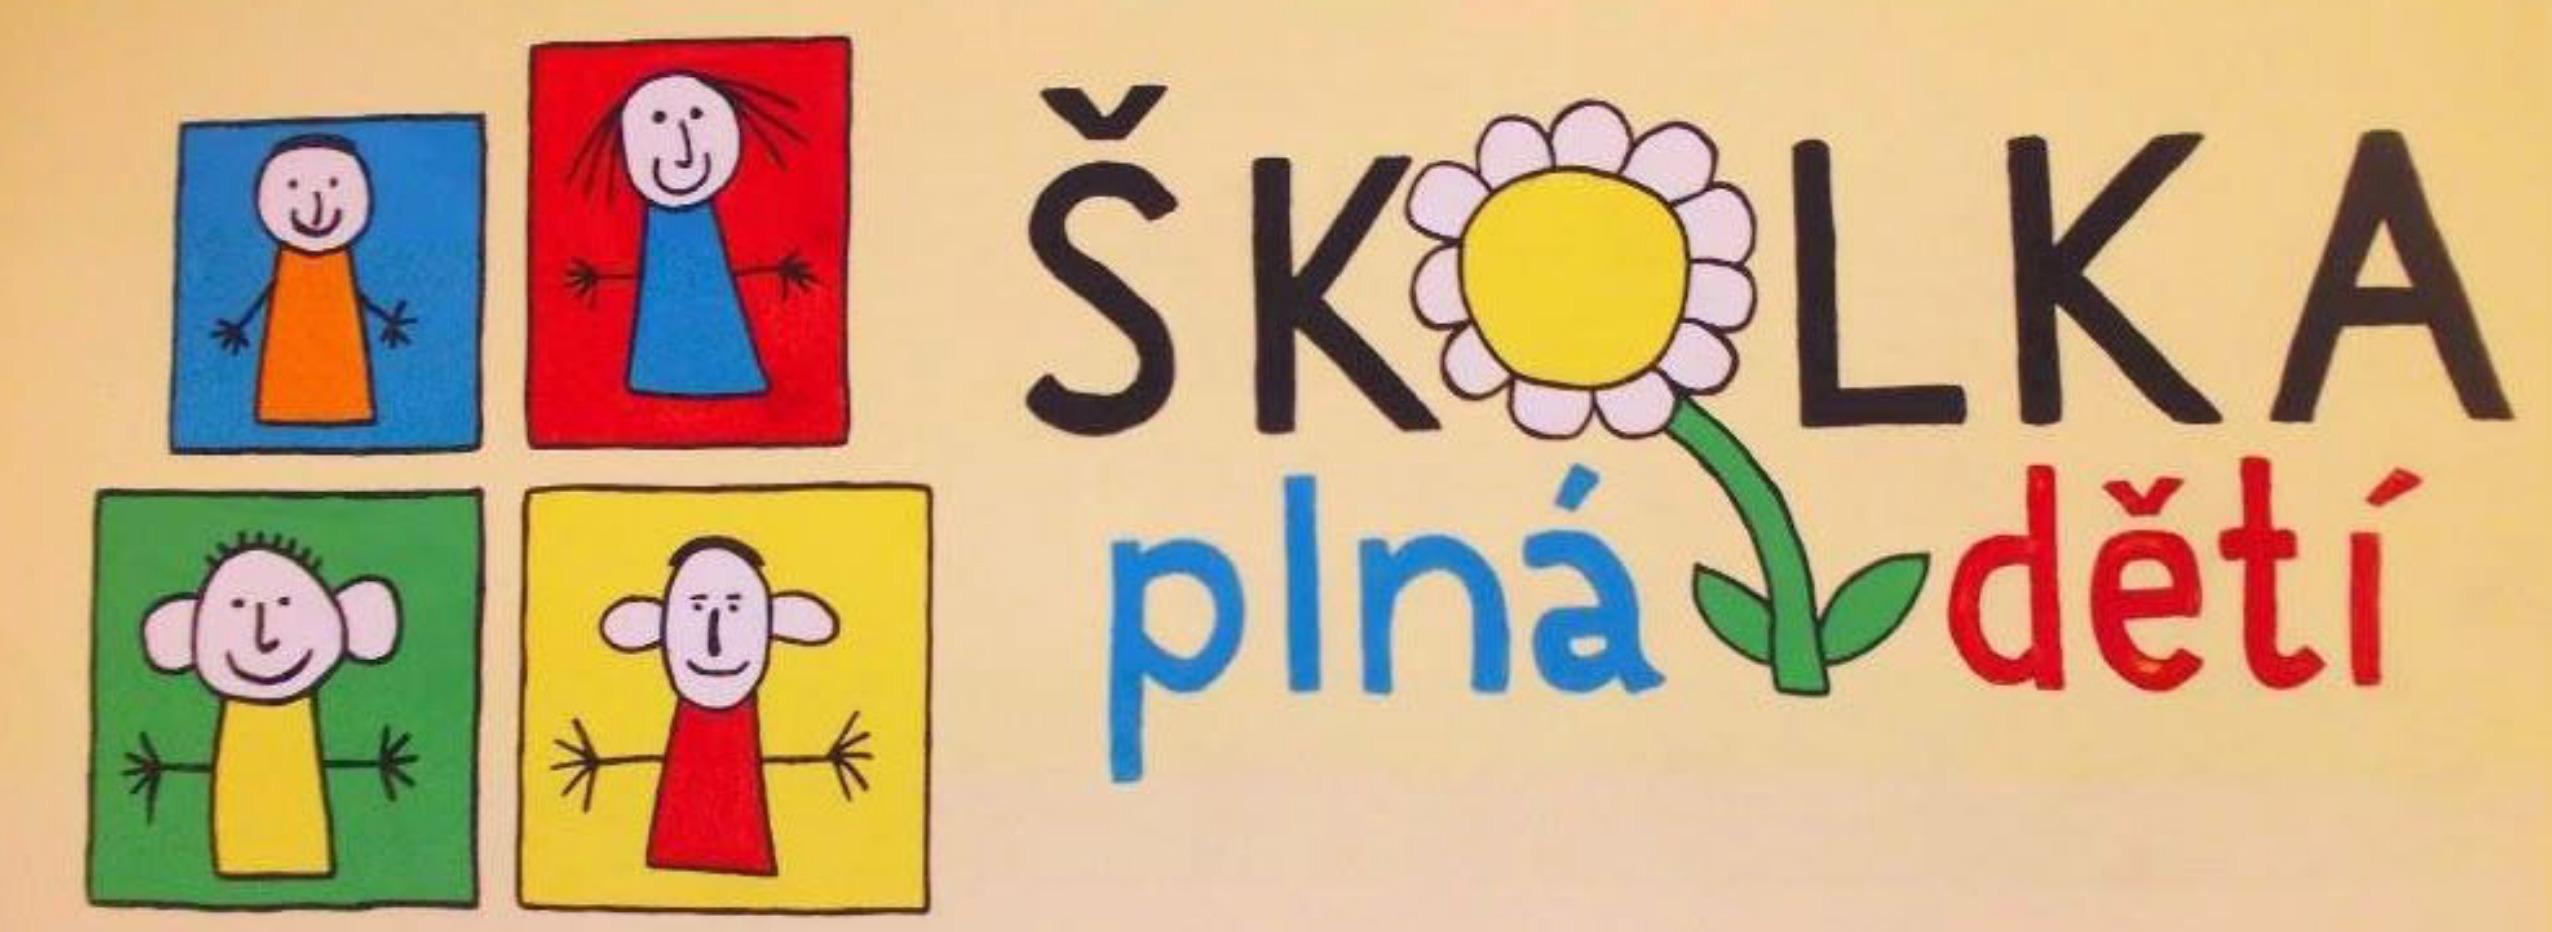 logo firmy MATEŘSKÁ ŠKOLA VLACHOVICE